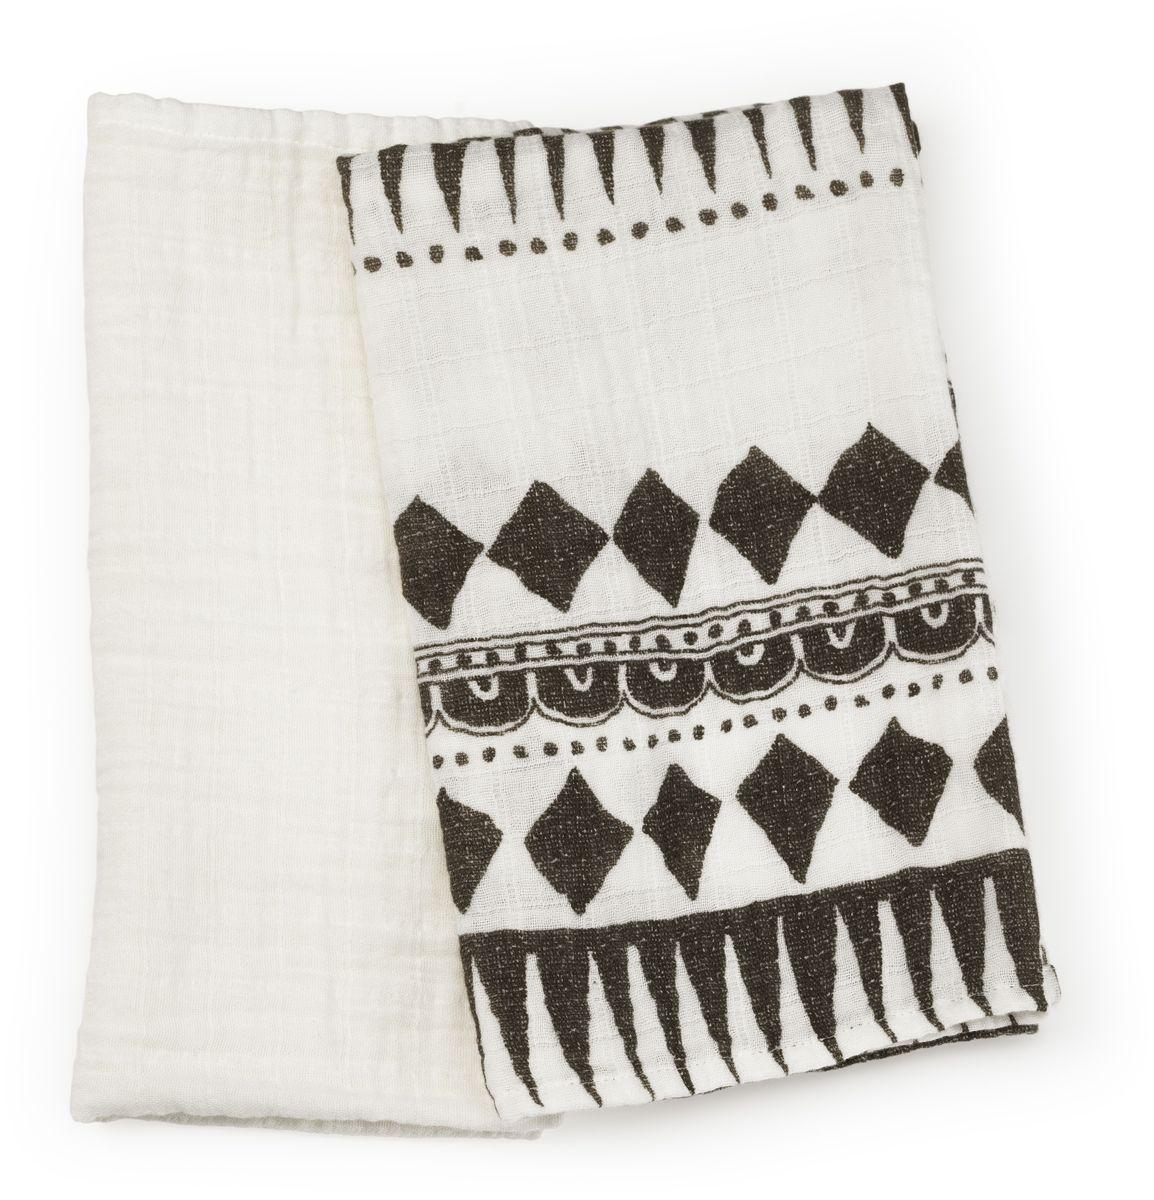 """Плед Elodie Details """"Graphic Devotion"""" - невесомые муслиновые пеленки незаменимы в теплое время года. Легкая двухслойная ткань из бамбукового волокна прекрасно пропускает воздух, позволяя коже ребенка дышать, и впитывает лишнюю влагу. Пеленки можно использовать в качестве легкого летнего пледа - дома и на прогулке, а также накрывать коляску от прямых солнечных лучей."""